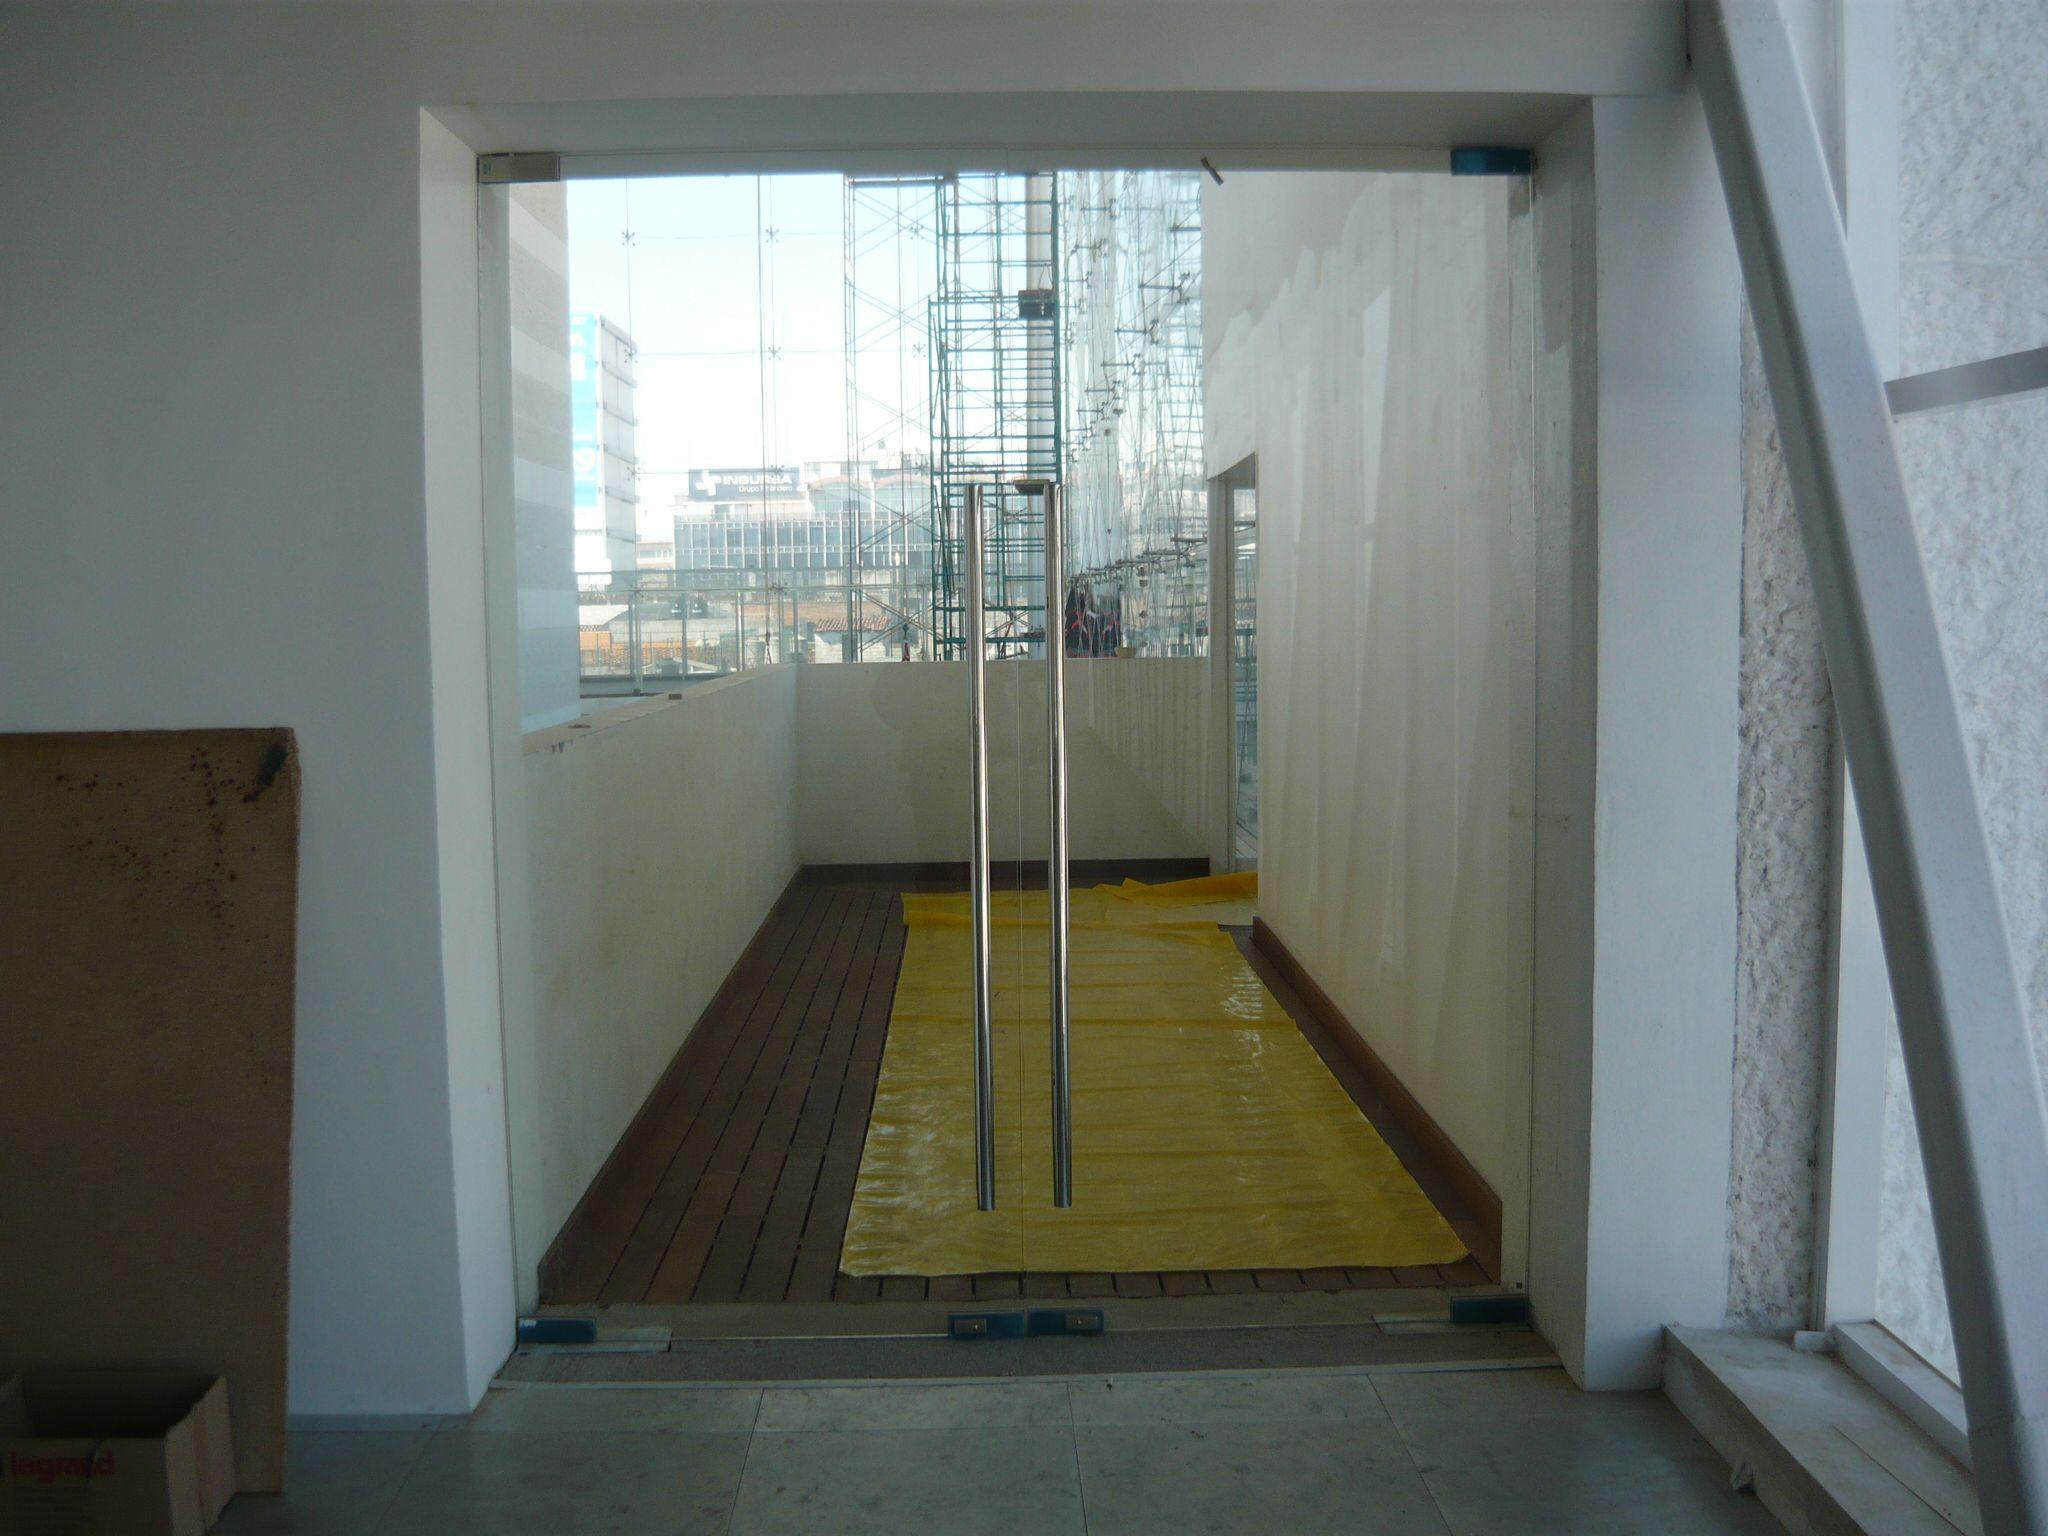 Puertas vidrio templado   arquitectura obras propias   Pinterest ...